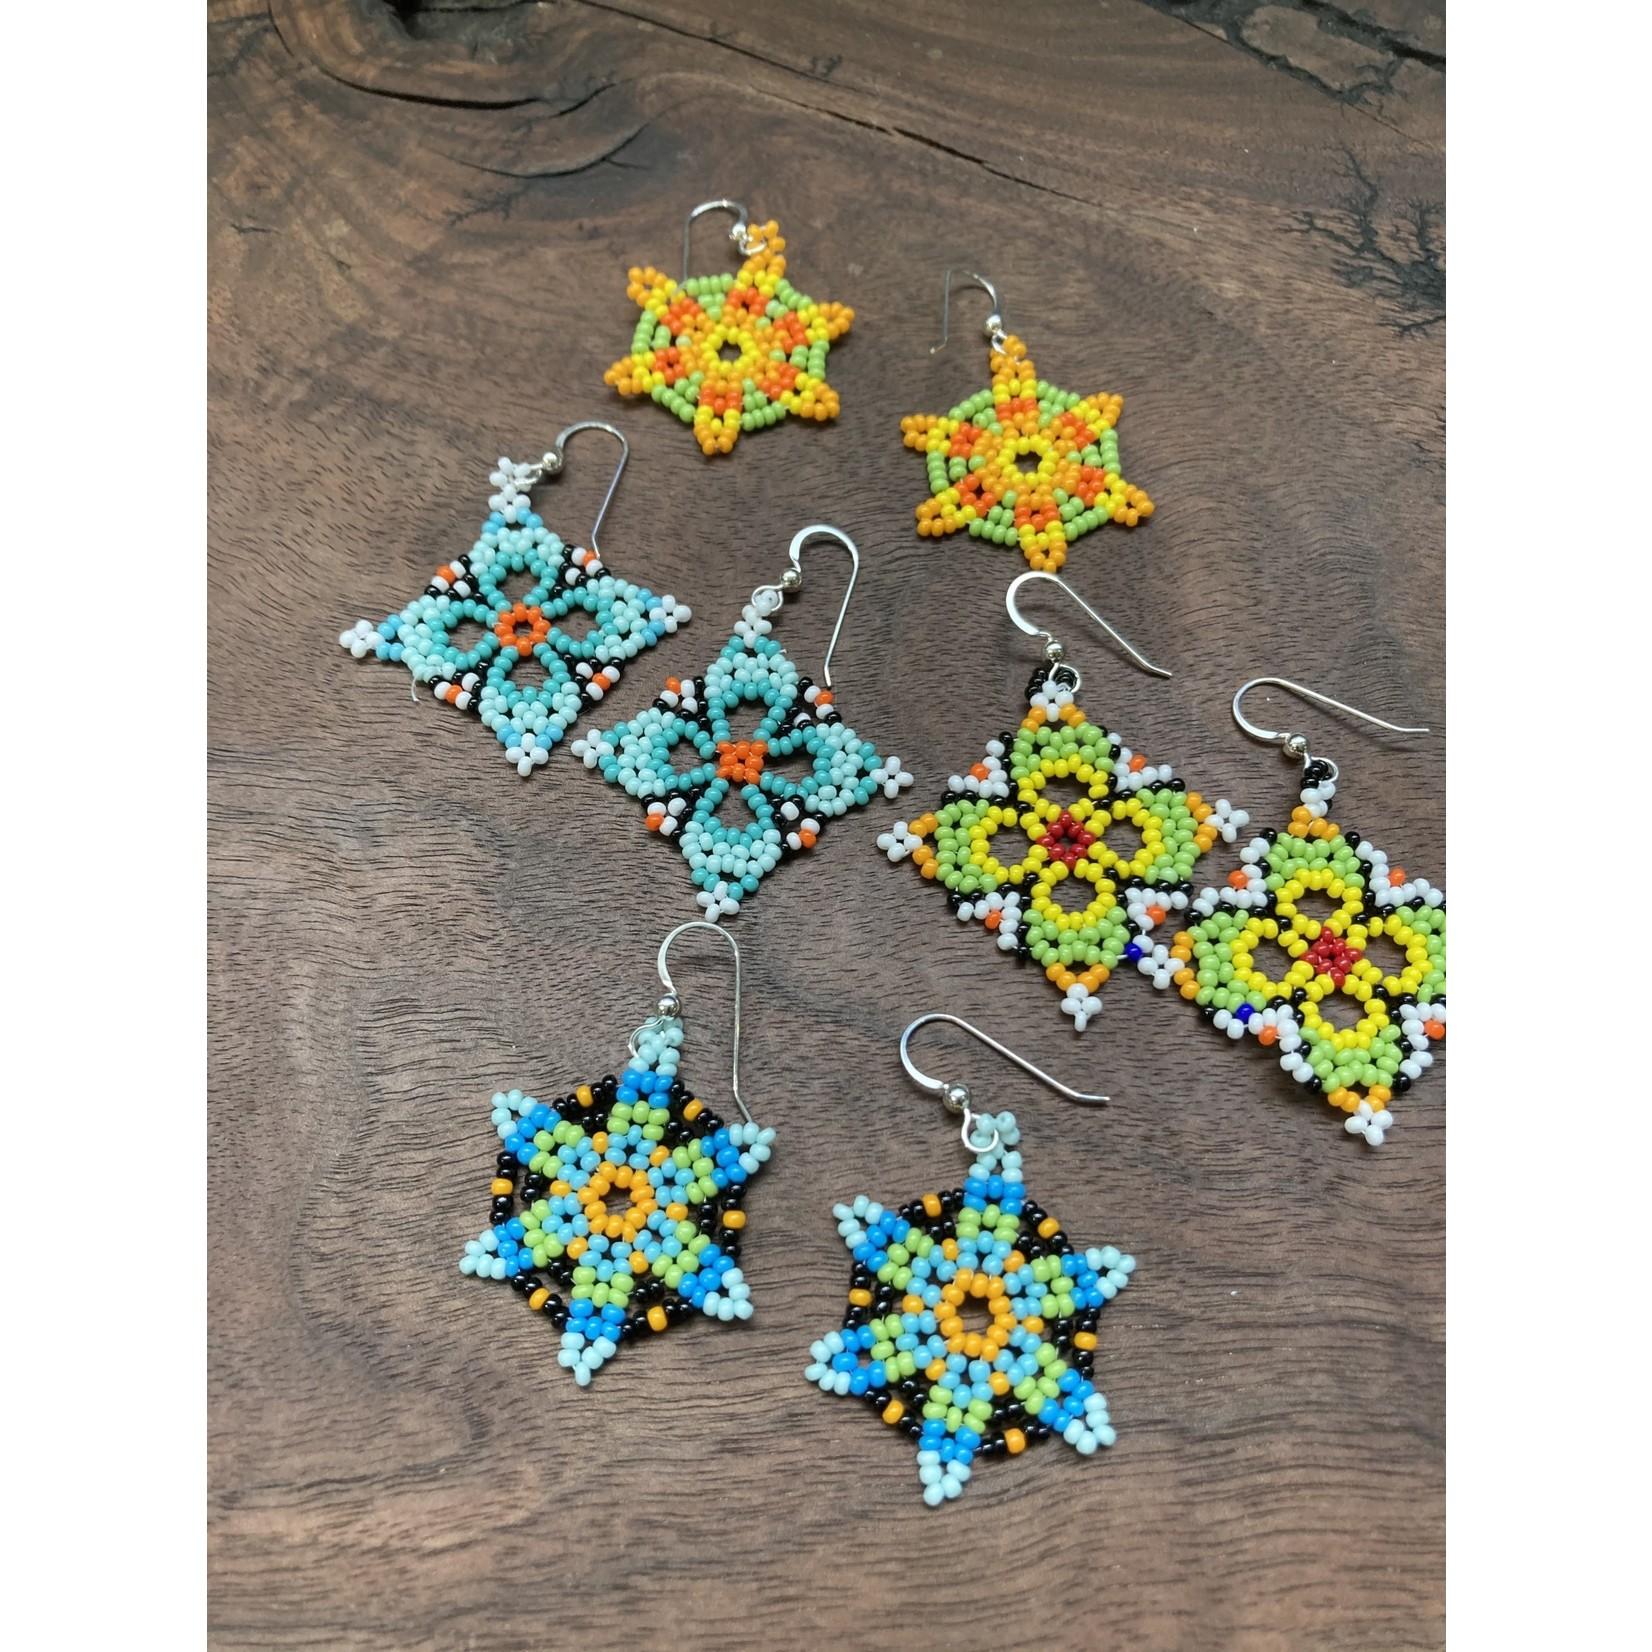 Pamela Cashdollar Pam Cashdollar   Medium earrings asst colors